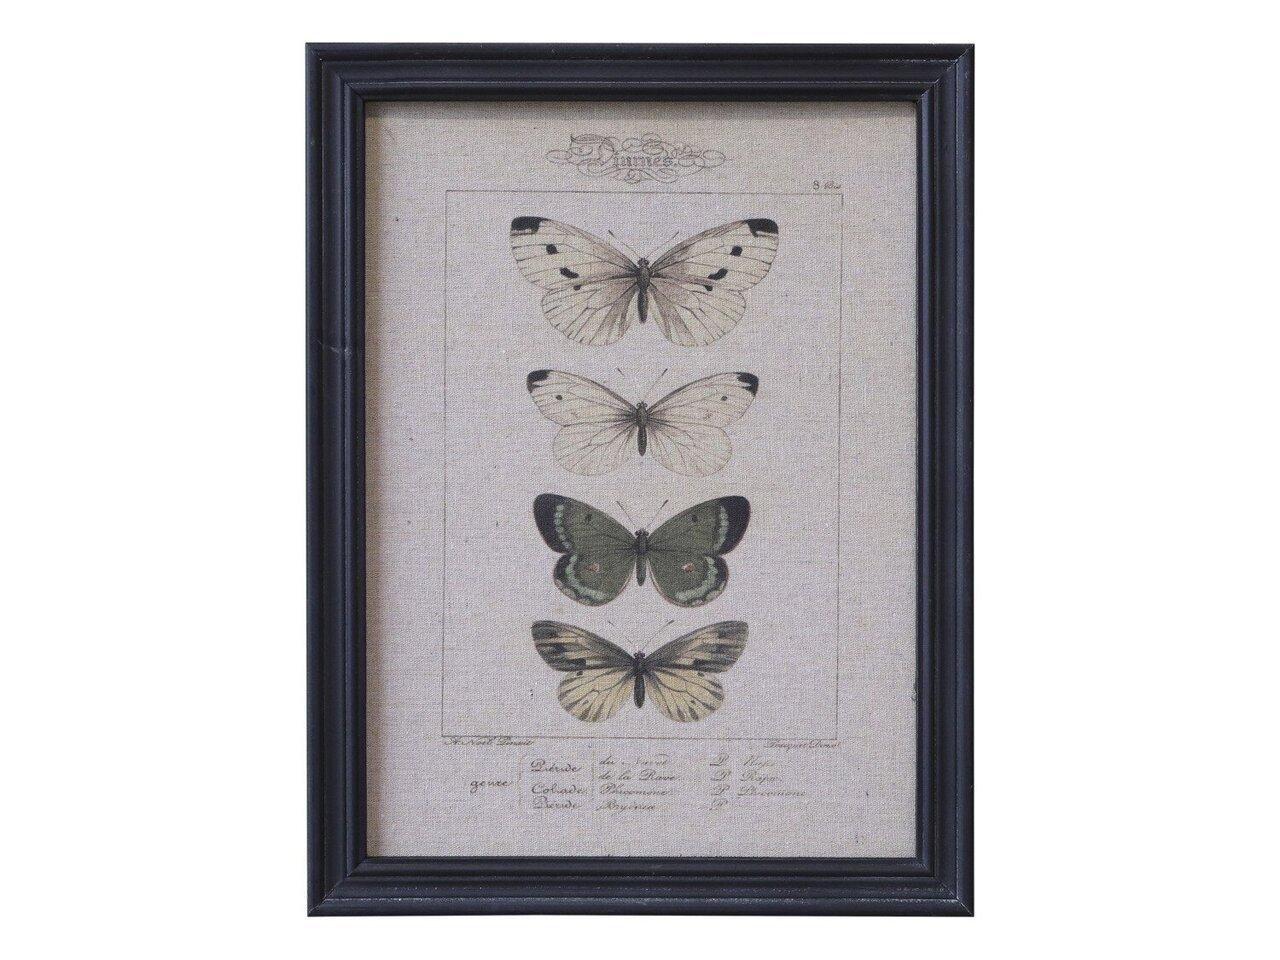 Chic Antique Bild mit Schmetterlingen